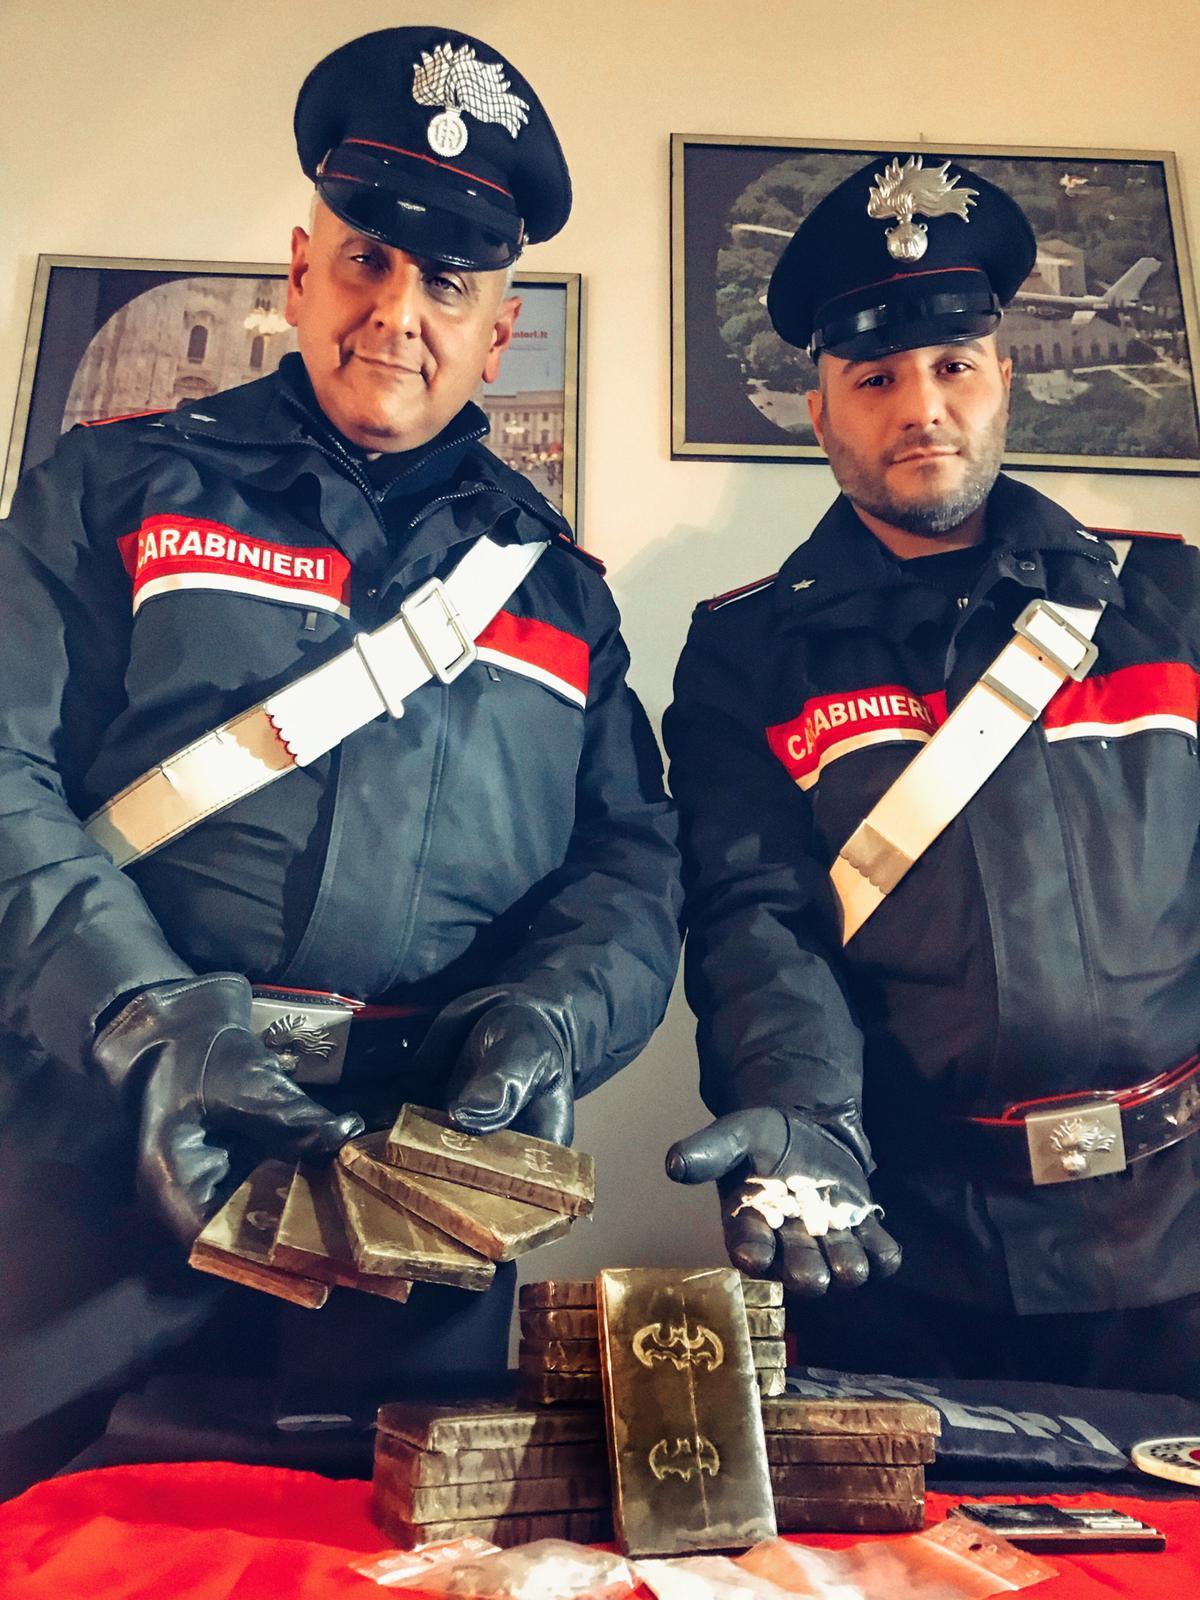 Ai domiciliari insulta i carabinieri per i troppi controlli e finisce in carcere